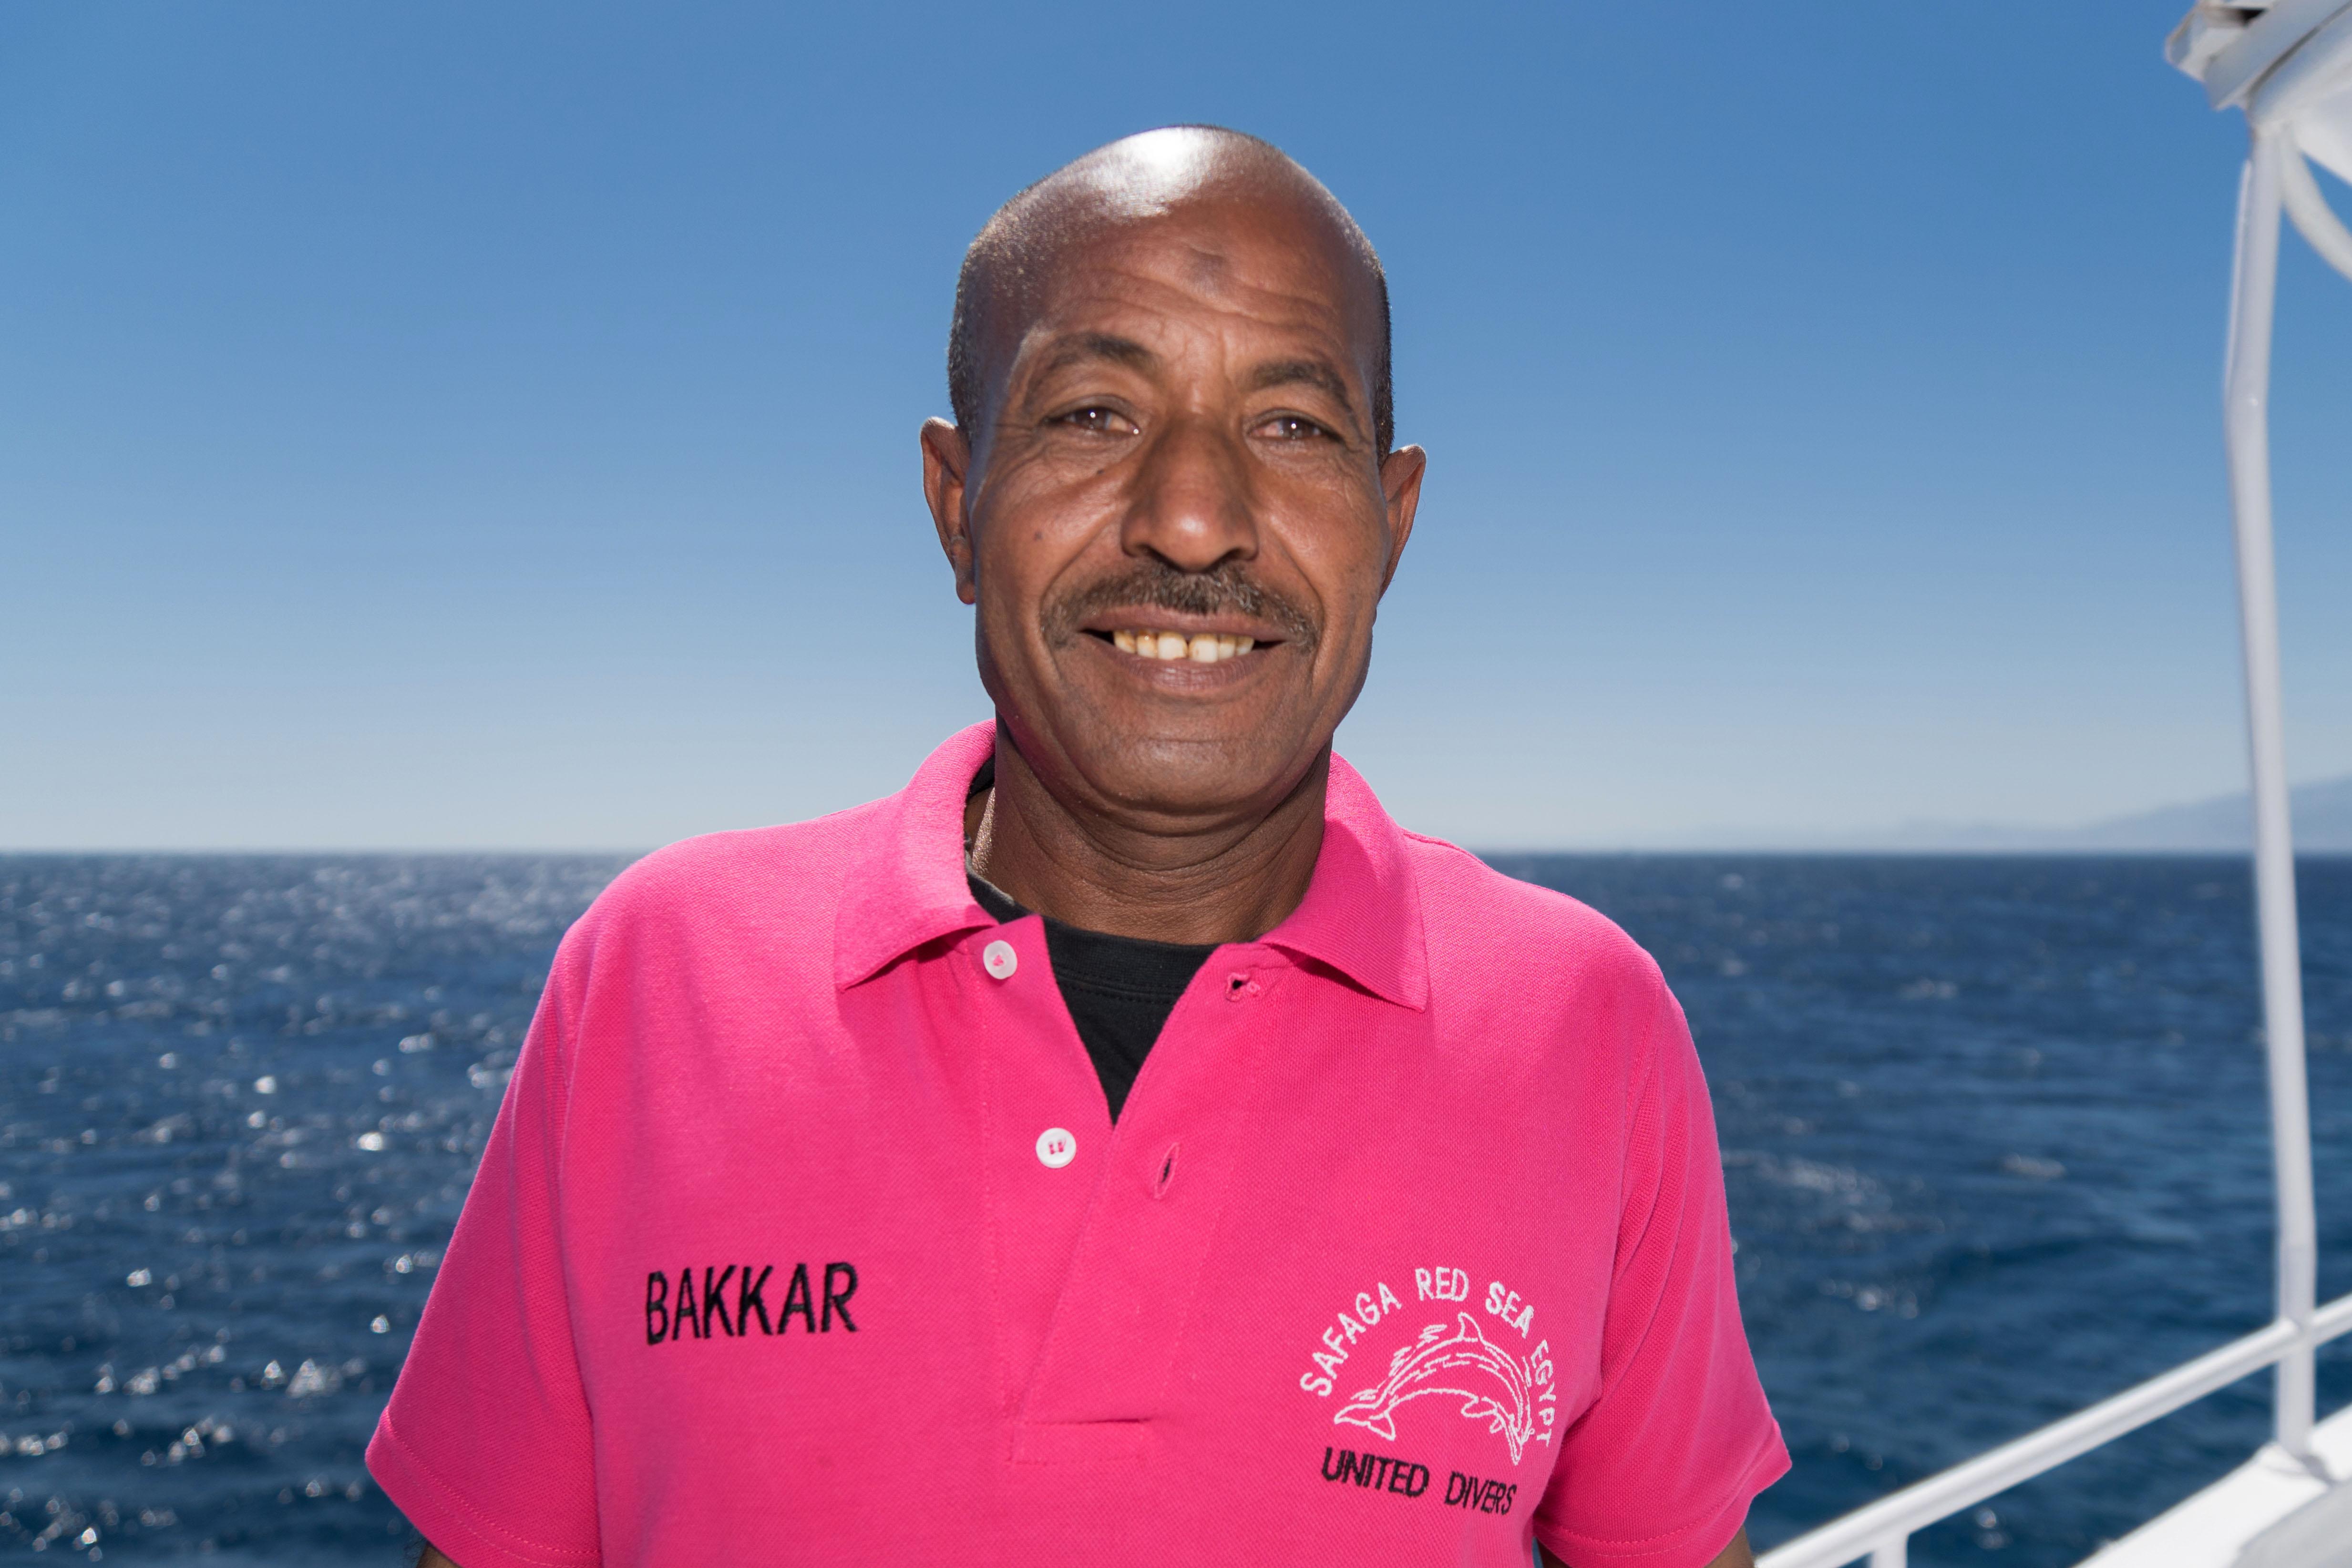 Bakkar Cuisinier sur le Compass de United Divers Egypt Safaga